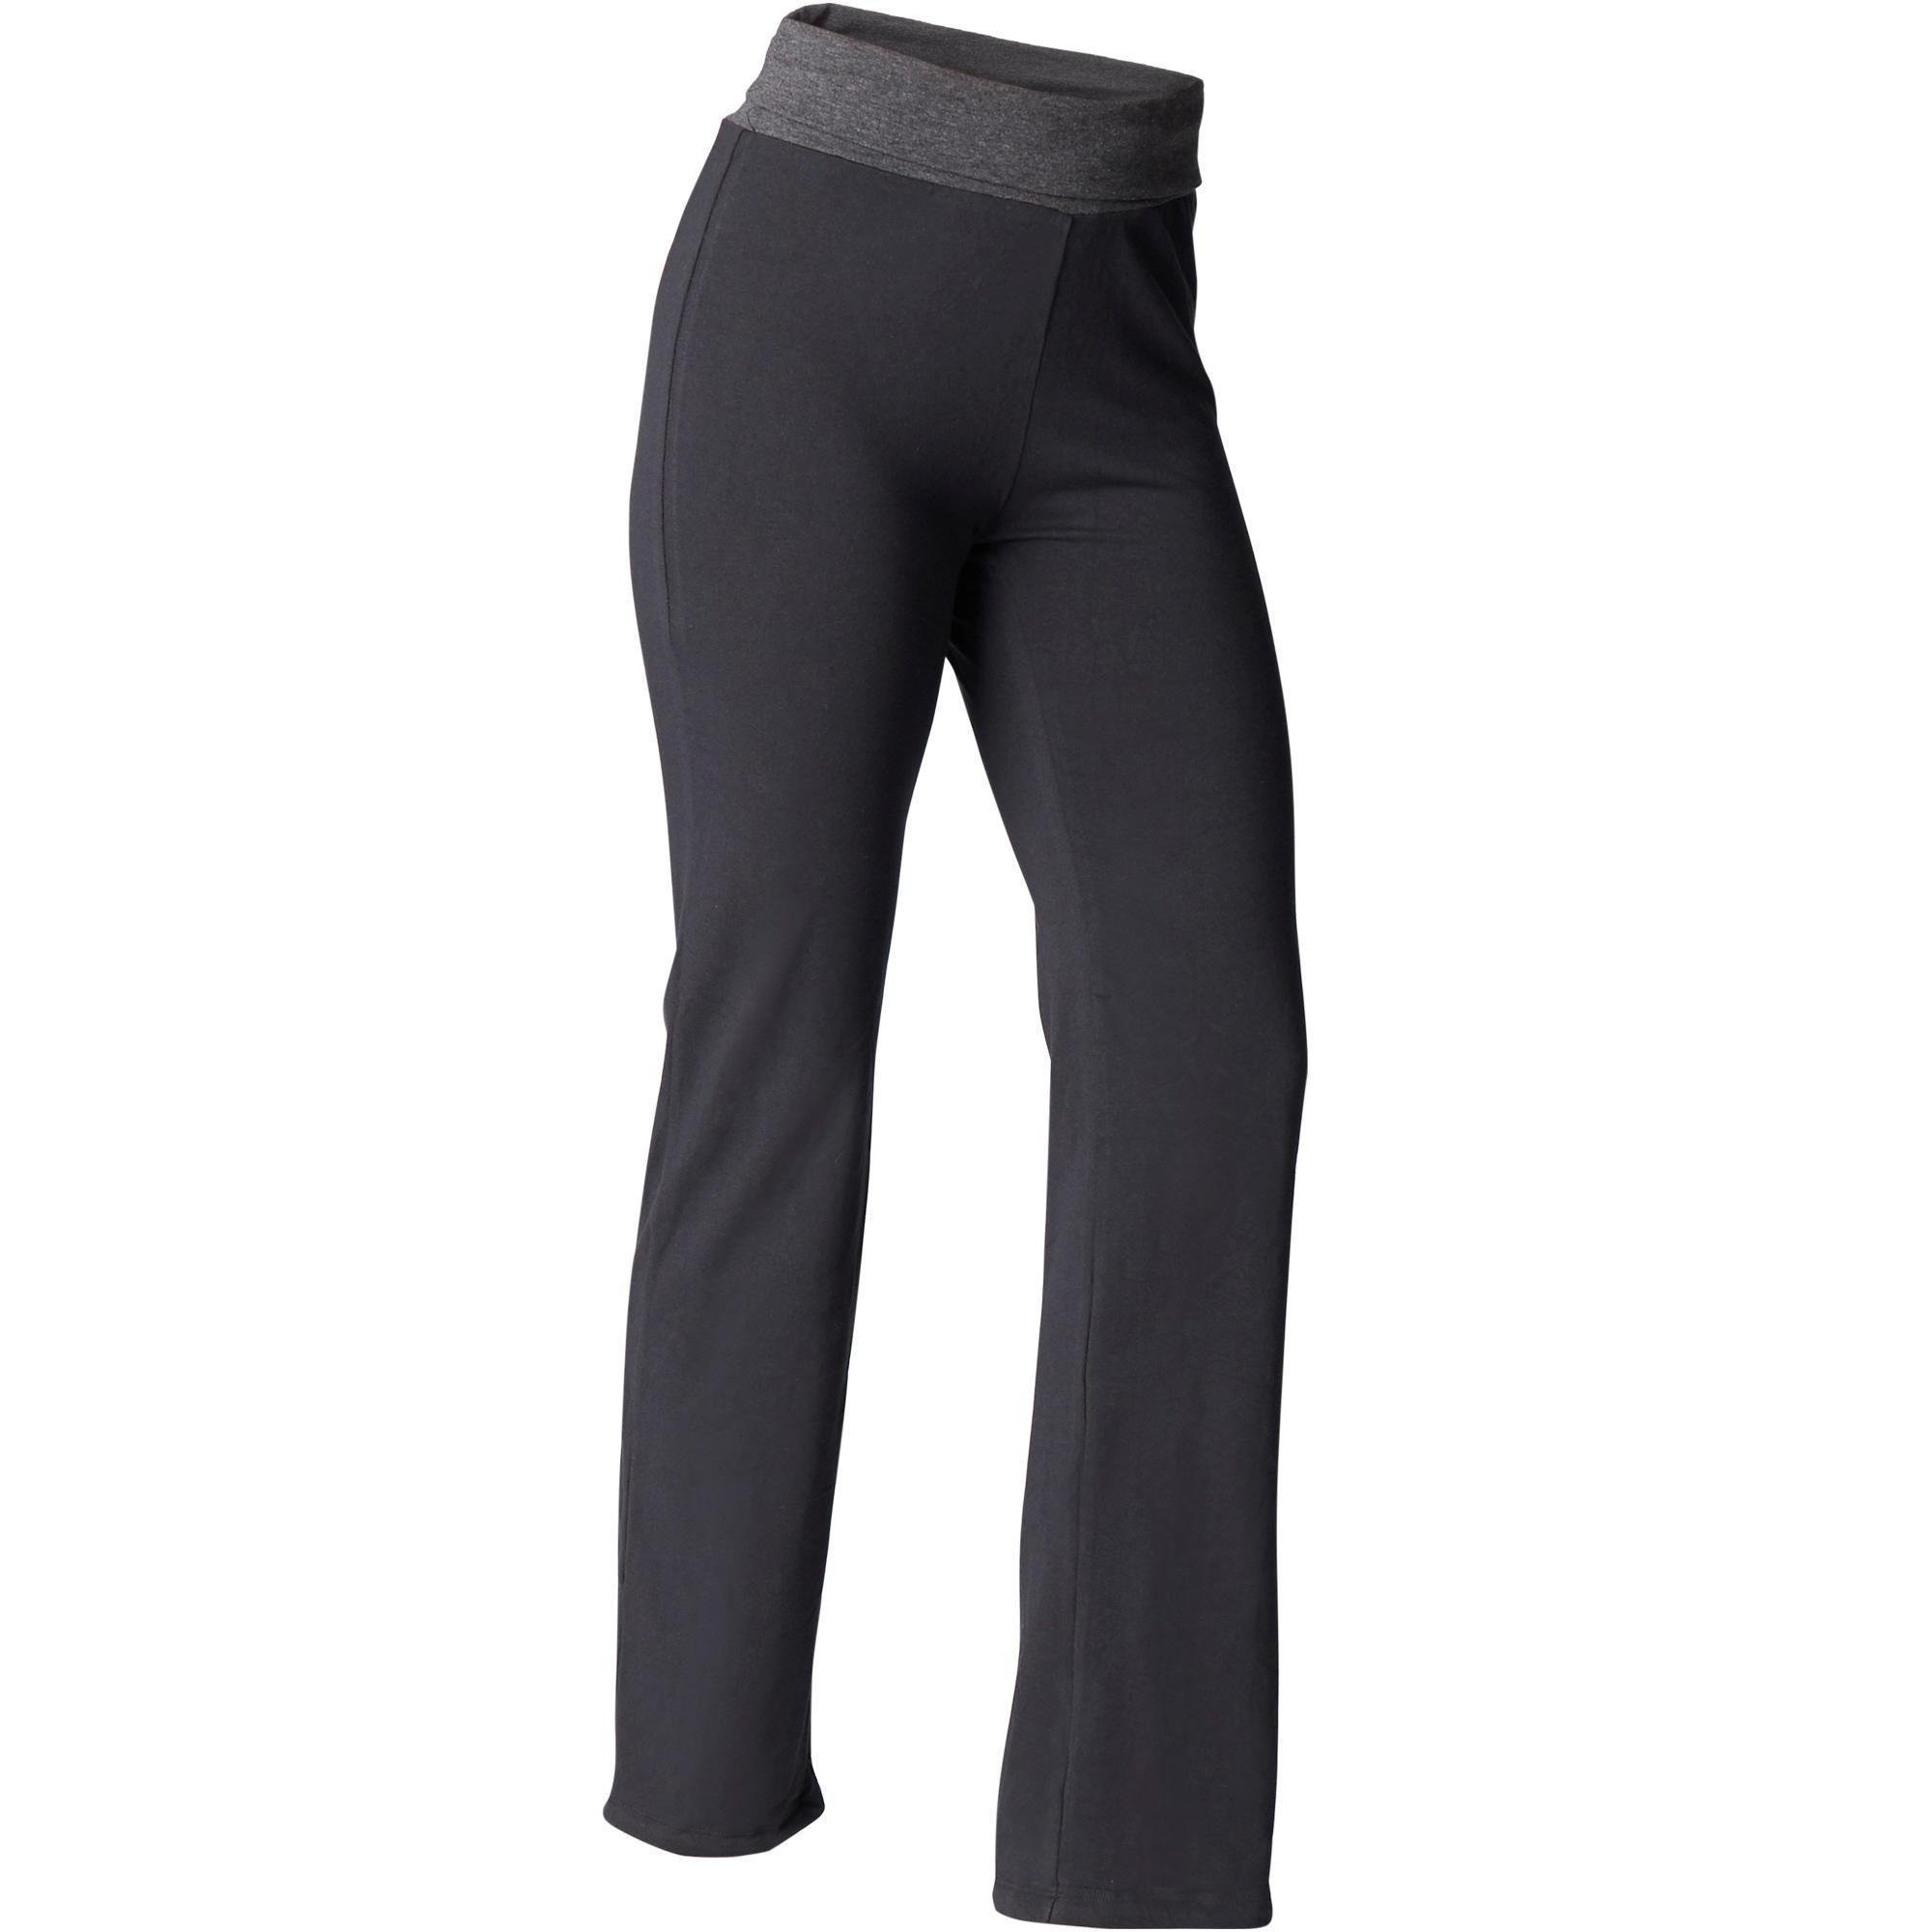 Nouveau Yoga Leggings Deux Tons Rose Noir Entraînement Fitness Pantalon une Taille Repliée